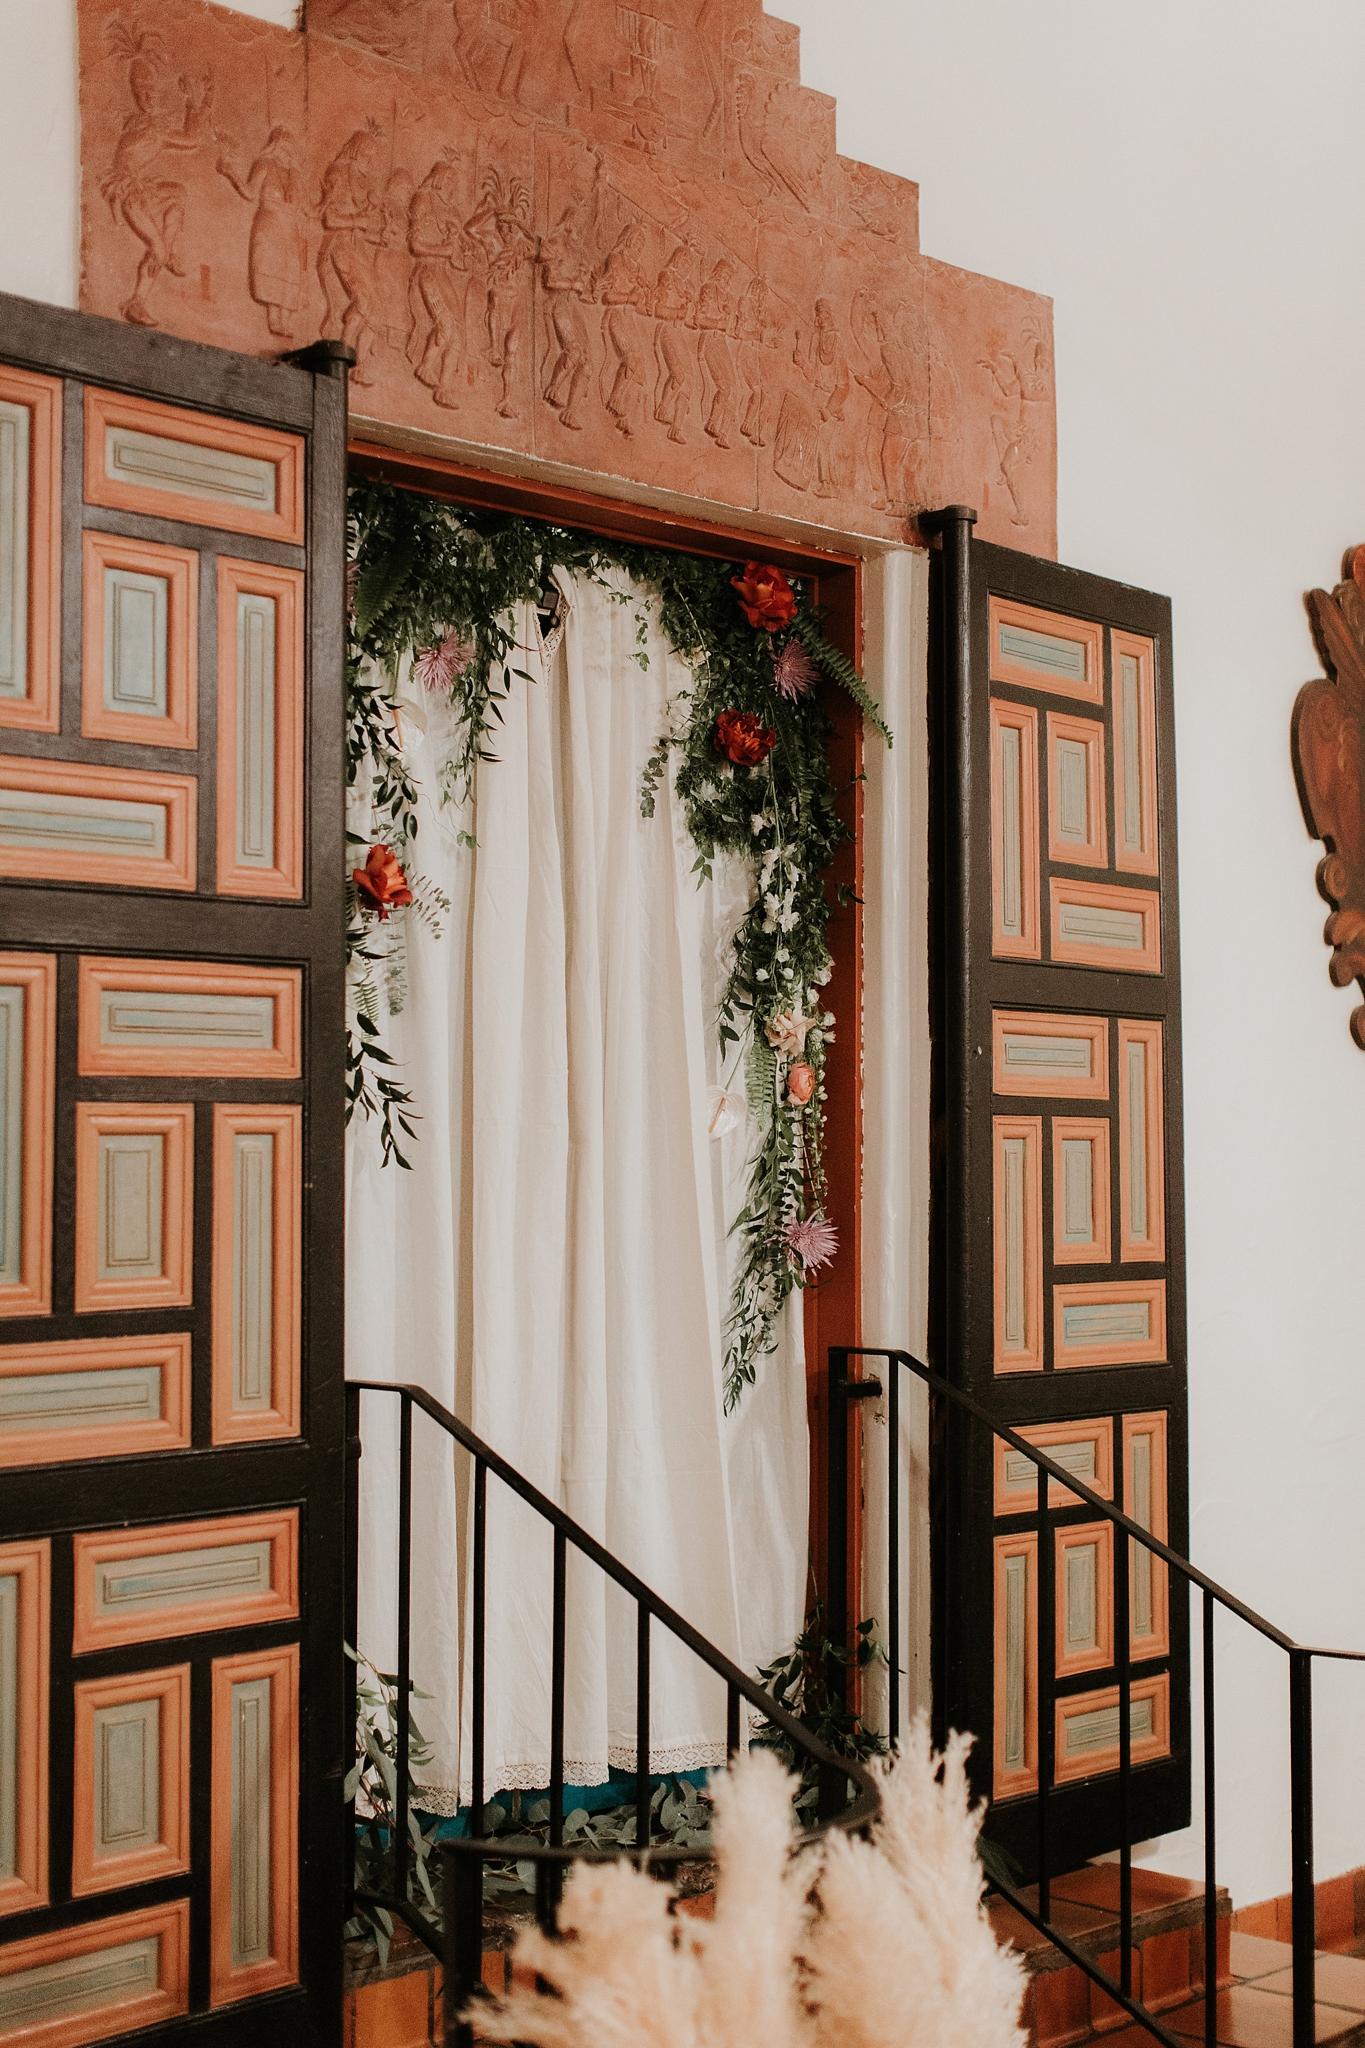 Alicia+lucia+photography+-+albuquerque+wedding+photographer+-+santa+fe+wedding+photography+-+new+mexico+wedding+photographer+-+wedding+ceremony+-+wedding+alter+-+floral+alter_0056.jpg